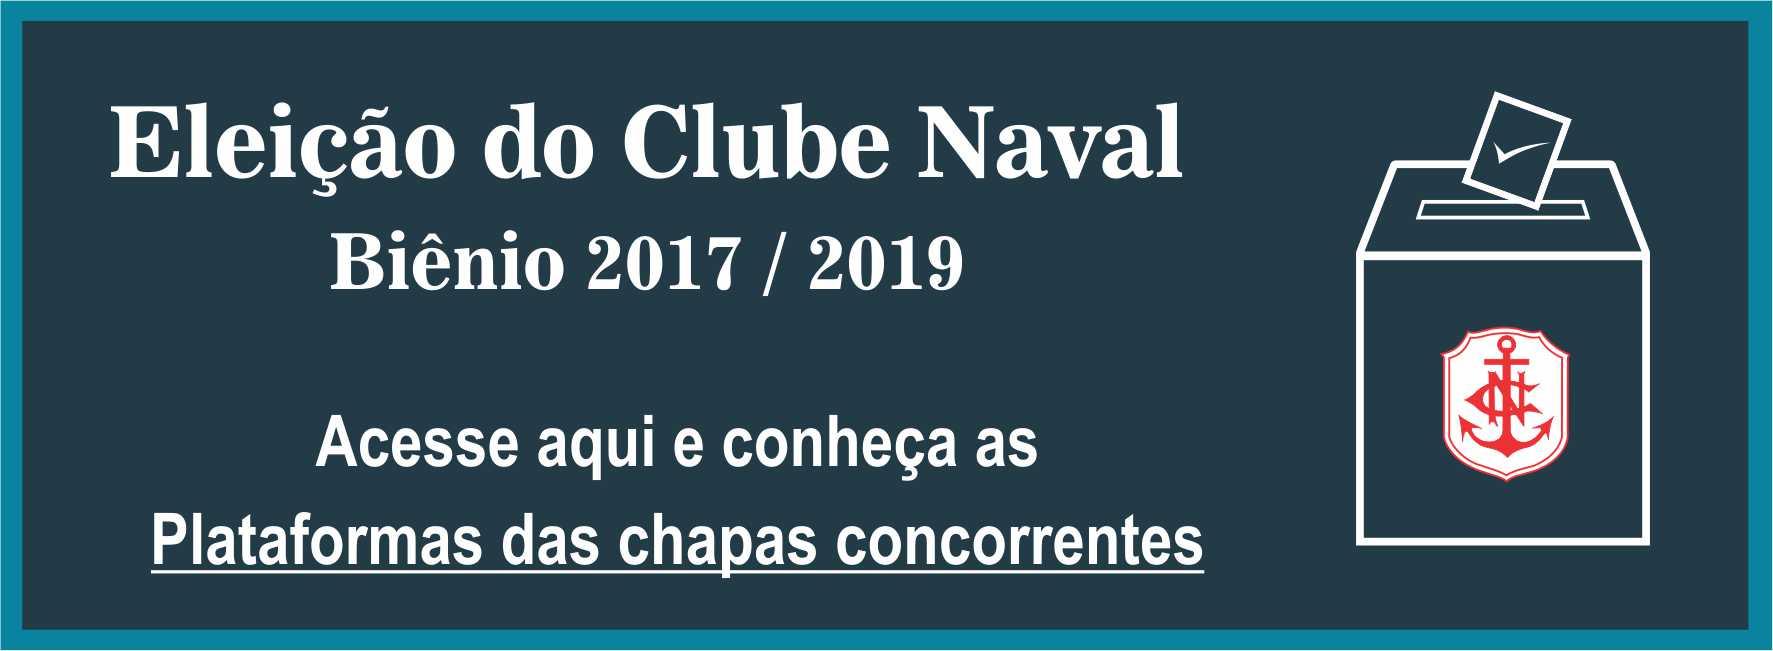 https://www.clubenaval.org.br/novo/elei%C3%A7%C3%A3o-cn-plataformas-das-chapas-10-e-20